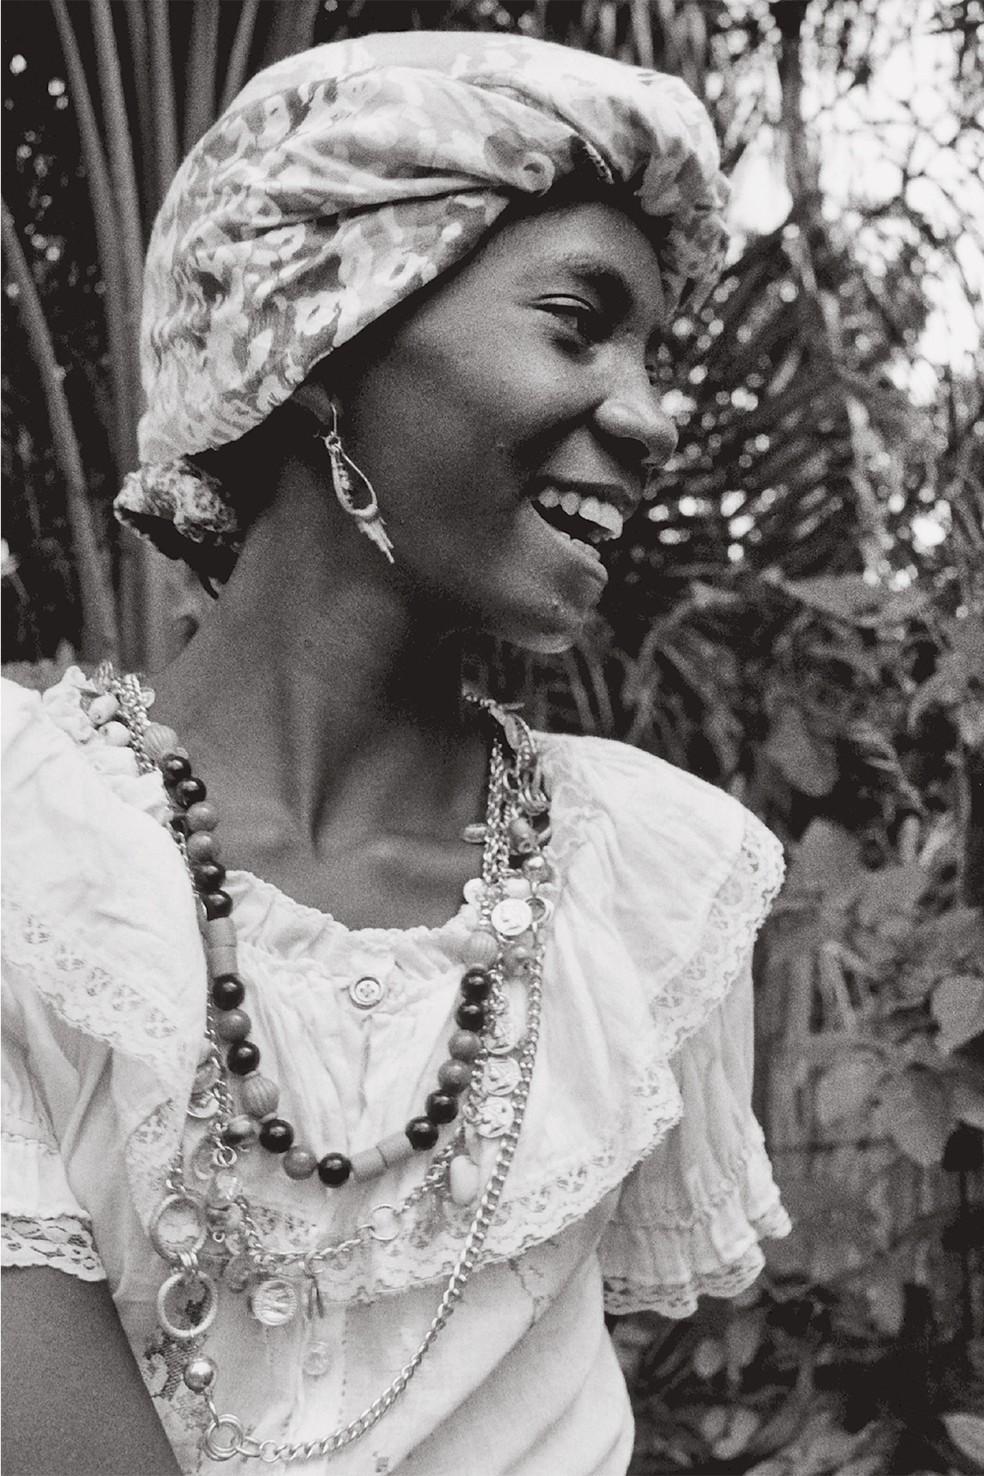 Cotidiano e resistência negra da Reserva Extrativista do Quilombo de Frechal foi captada pela fotógrafa belga Christine Leidgens. (Foto: Christine Leidgens/Arquivo Pessoal)